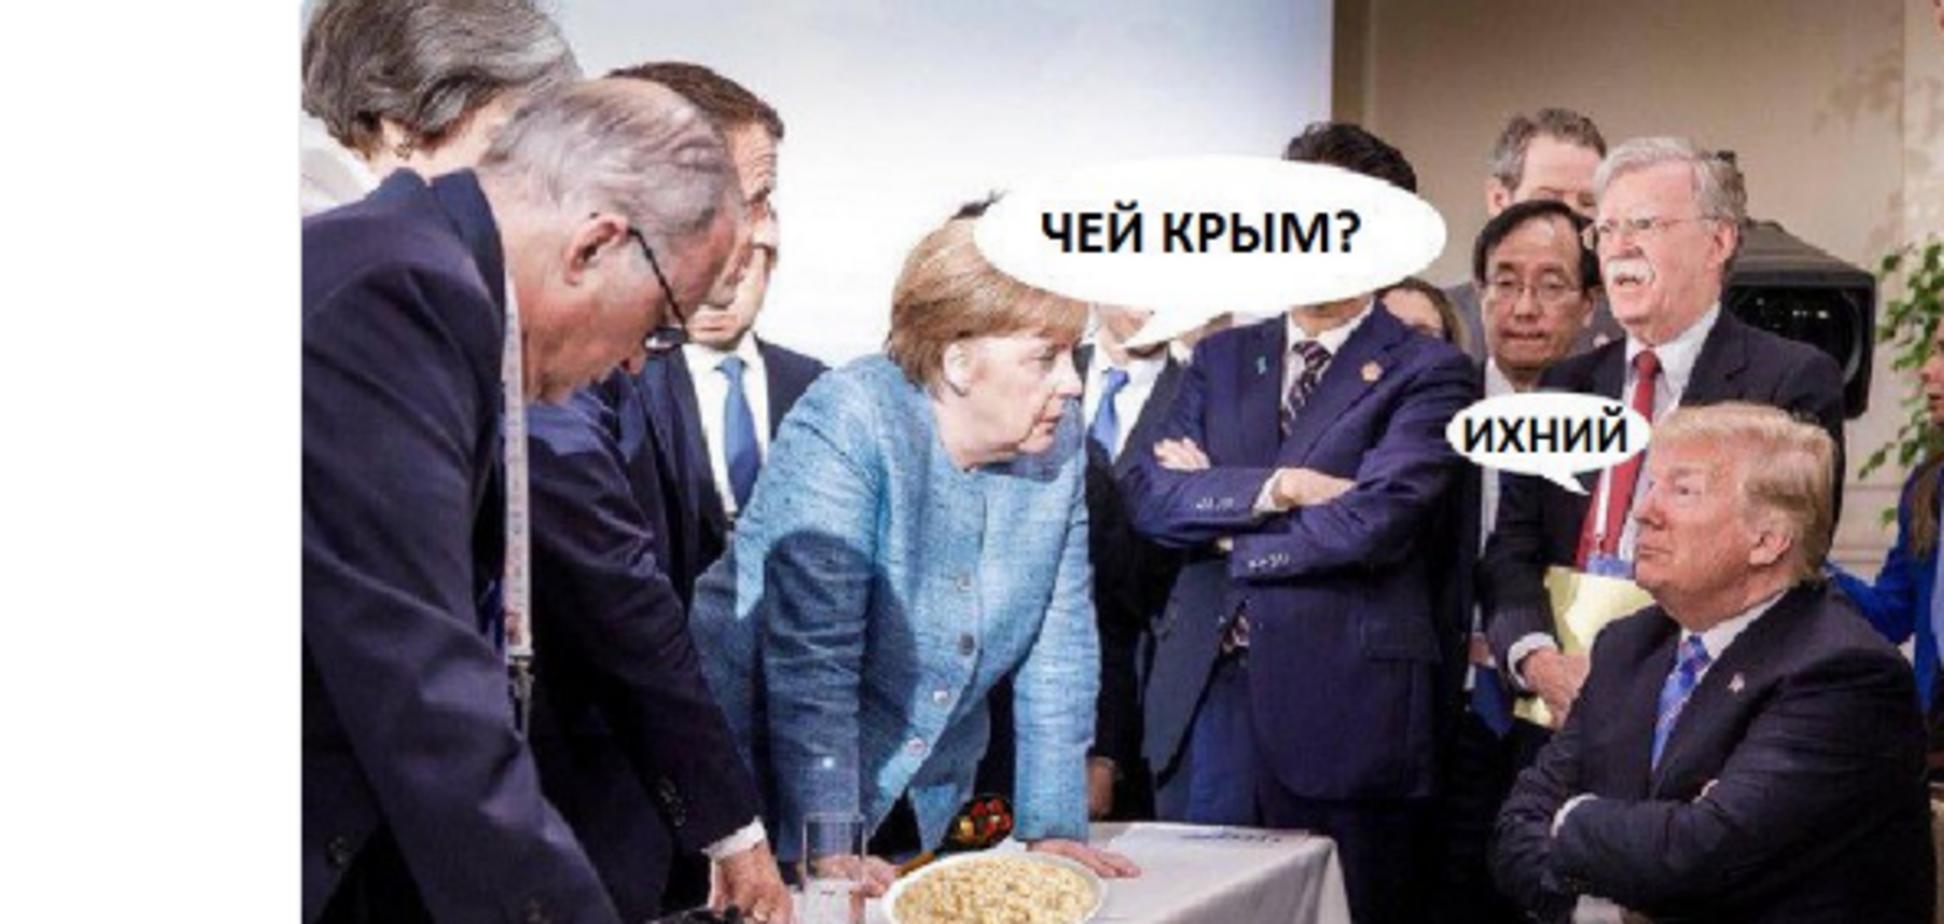 'Віддайте Брайтон Біч Путіну': в мережі бурхливо відреагували на заяву Трампа про 'російський' Крим